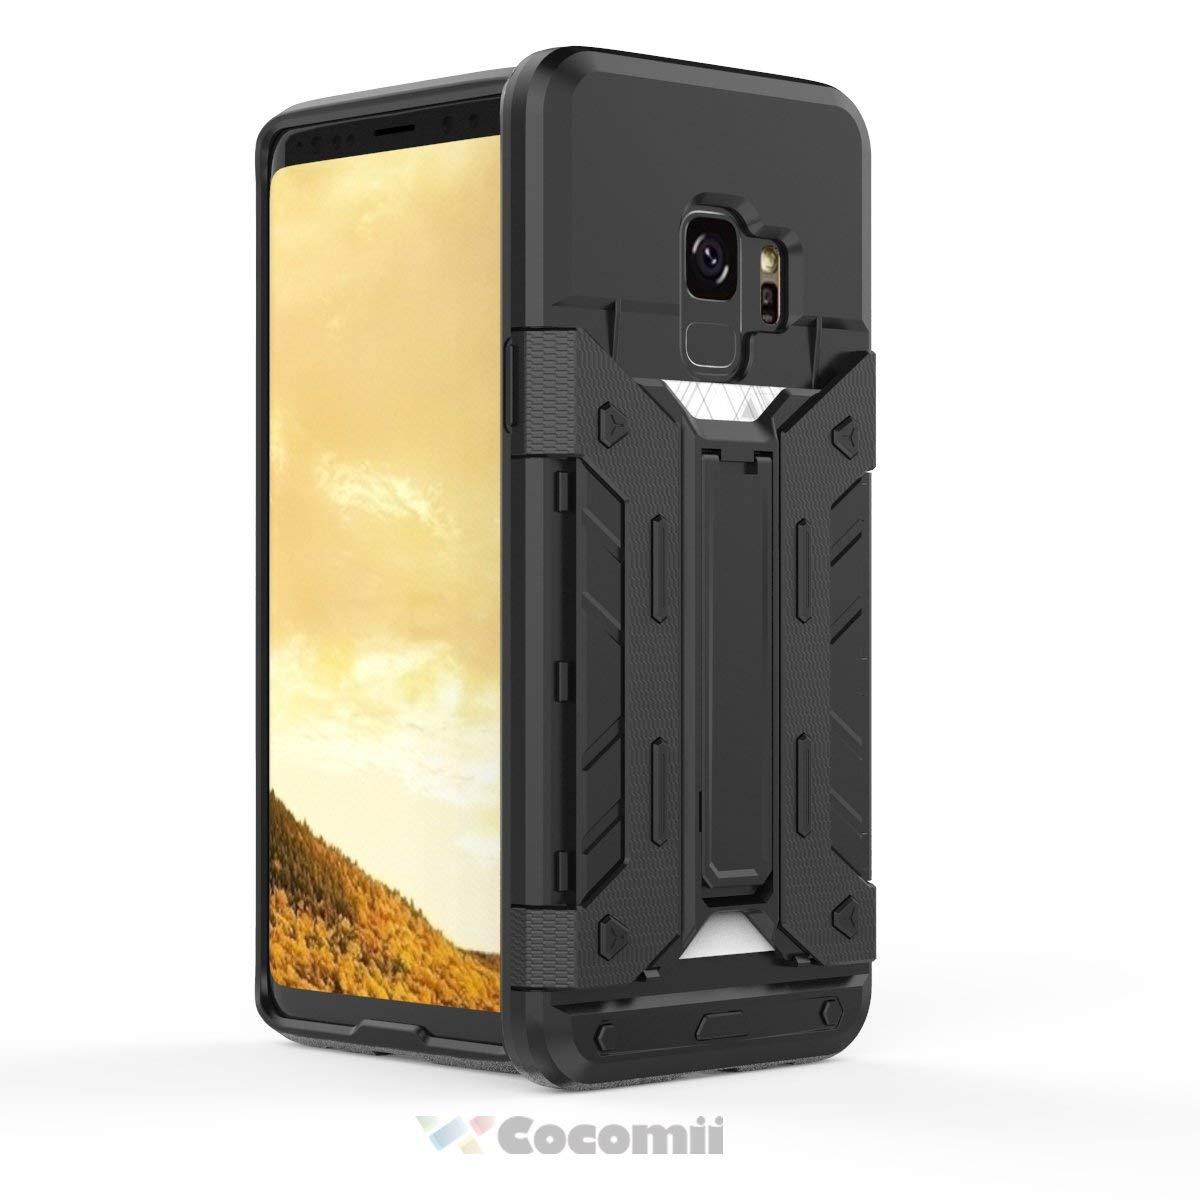 Cuerpo Completo S/ólido Case Carcasa for Samsung Galaxy S9 Militar Defensor Cocomii Commando Armor Galaxy S9 Funda Robusto C.Gold Superior T/áctico Sujeci/ón Antipolvo Antichoque Caja